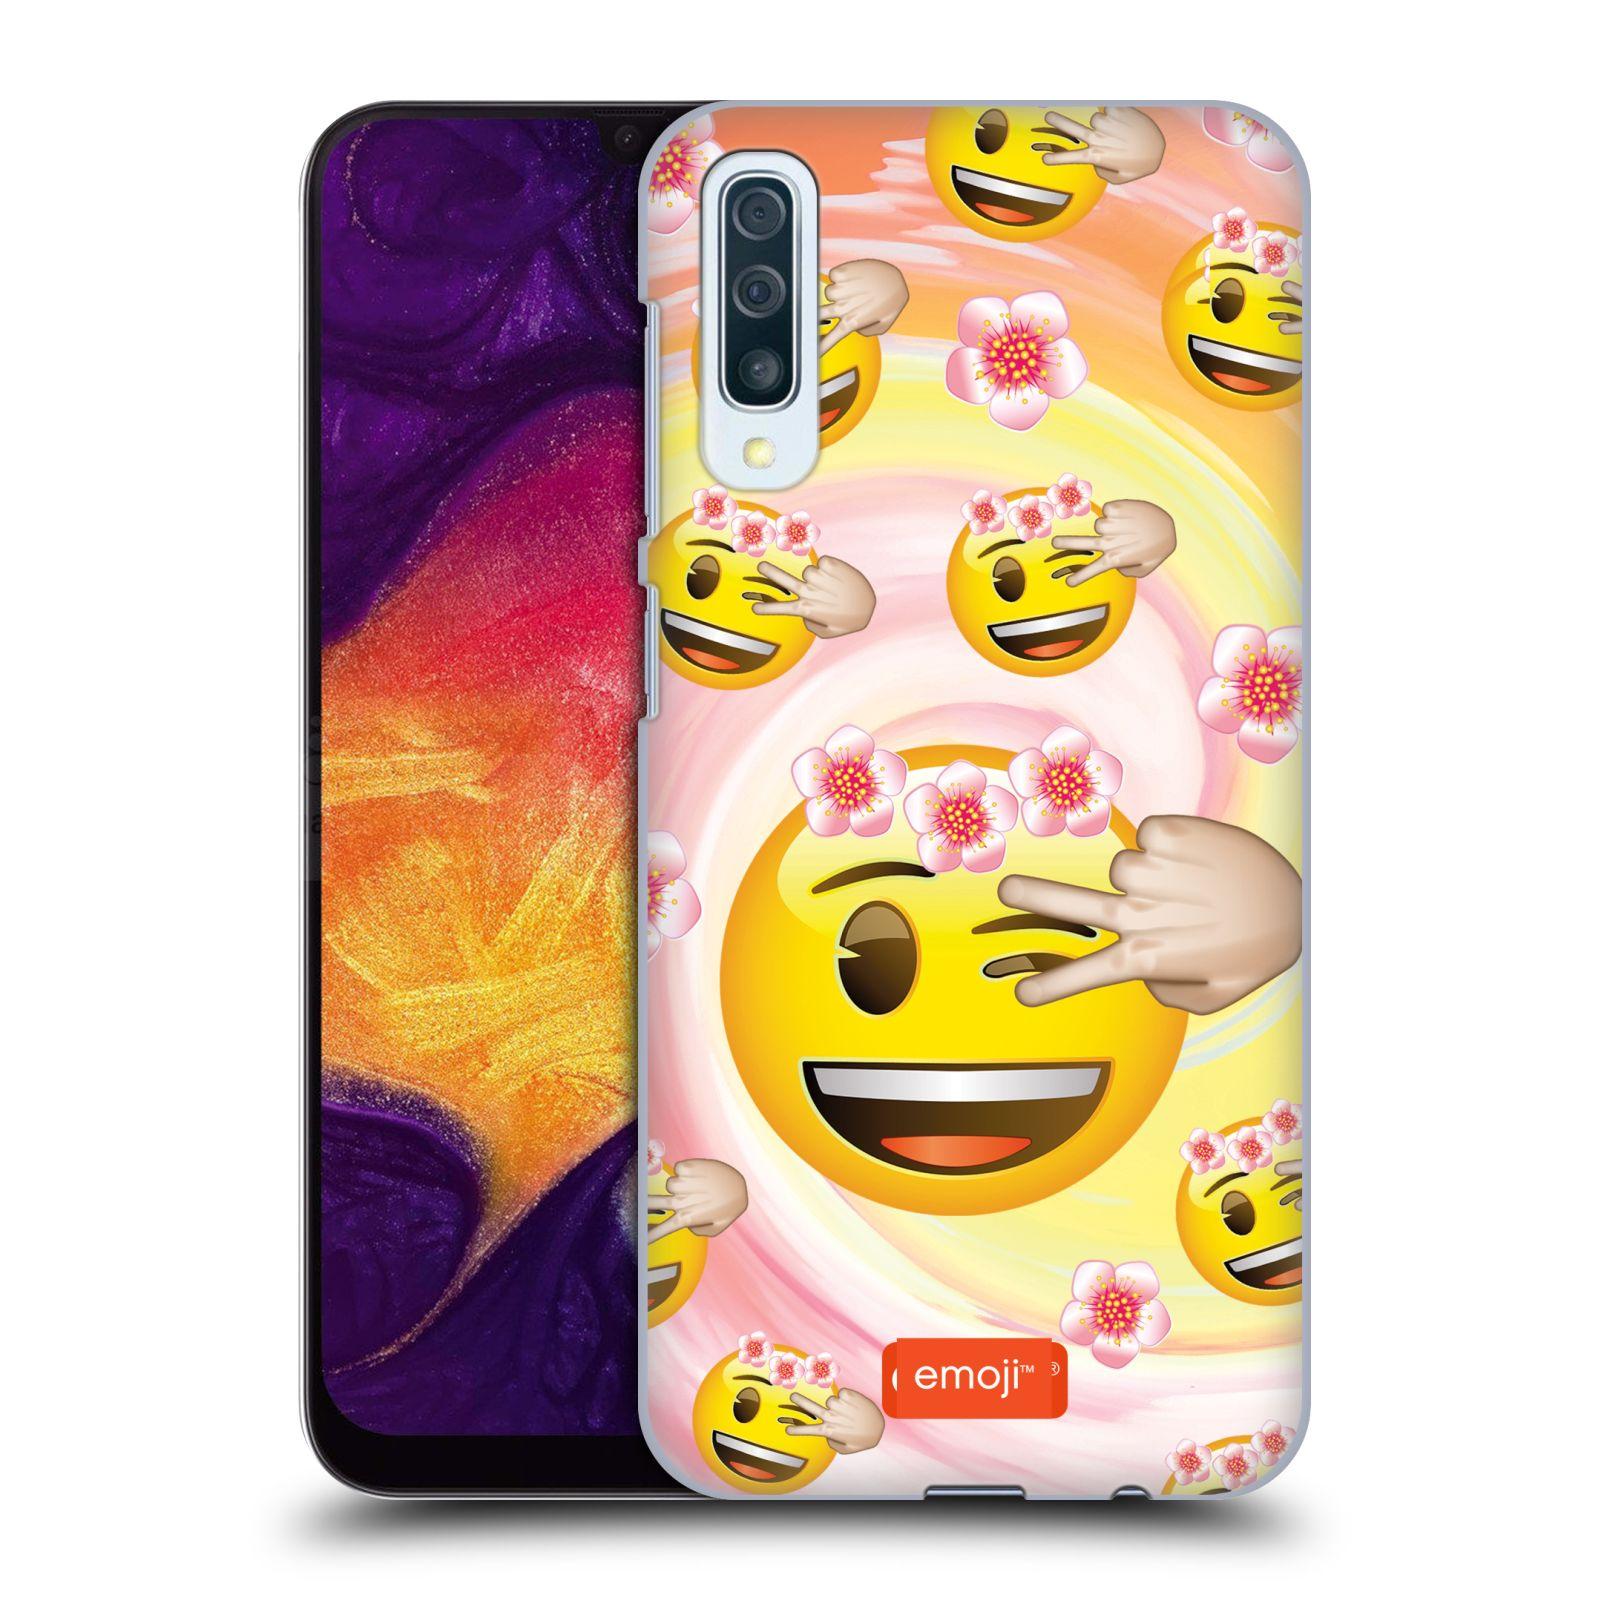 Plastové pouzdro na mobil Samsung Galaxy A50 / A30s - Head Case - EMOJI - Mrkající smajlíci a kytičky